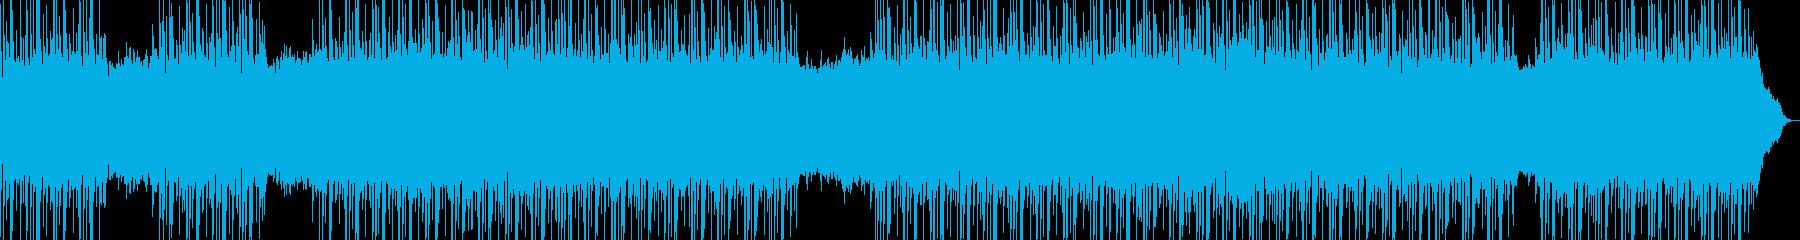 アヴェマリアヒップホップ・シューベルトの再生済みの波形